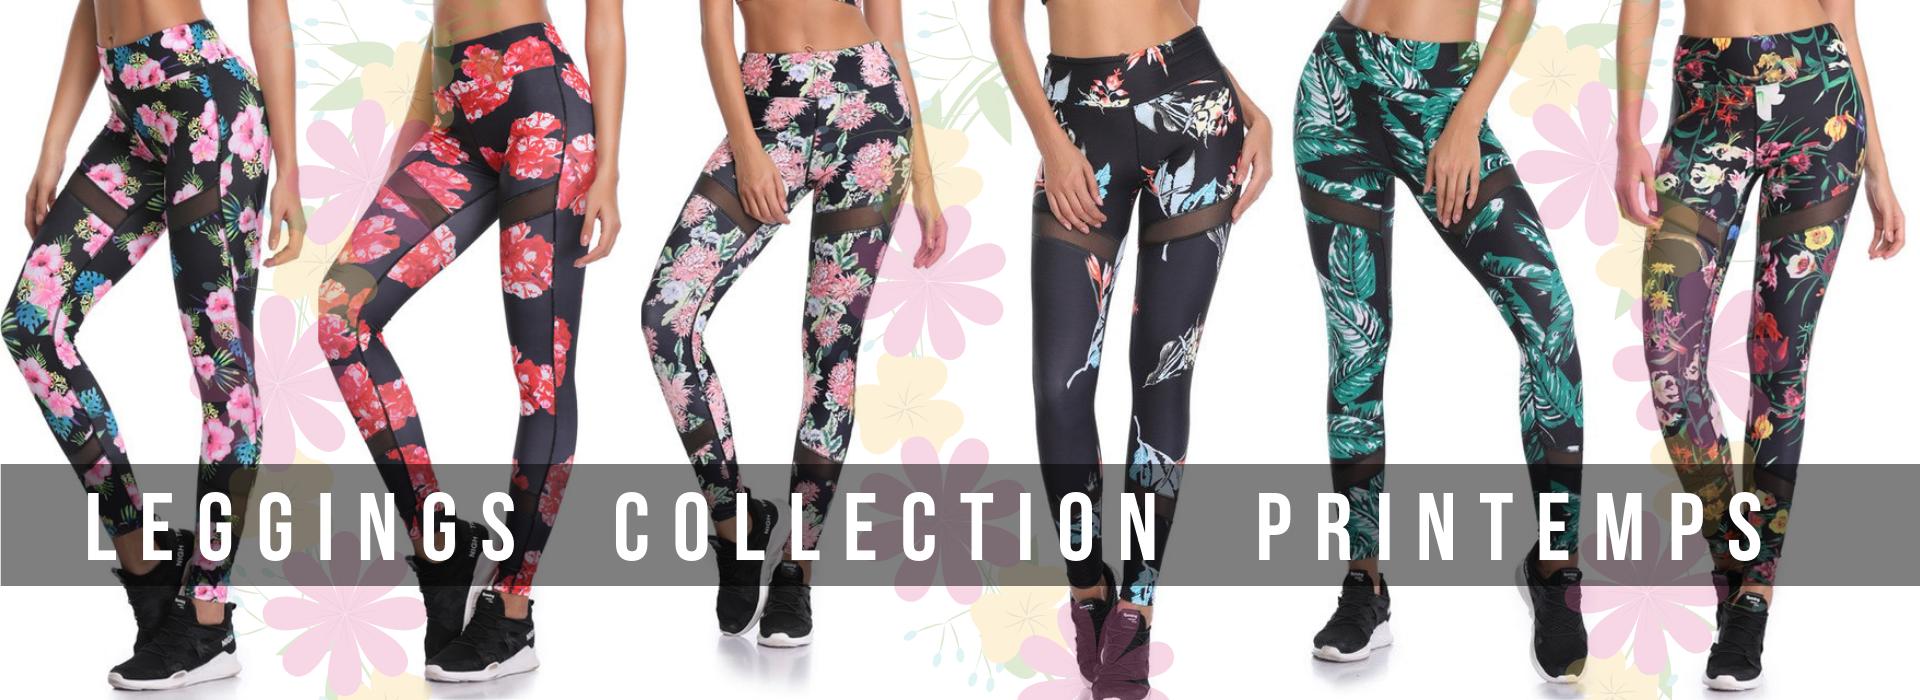 Leggings Collection Printemps 2019 Fleurs